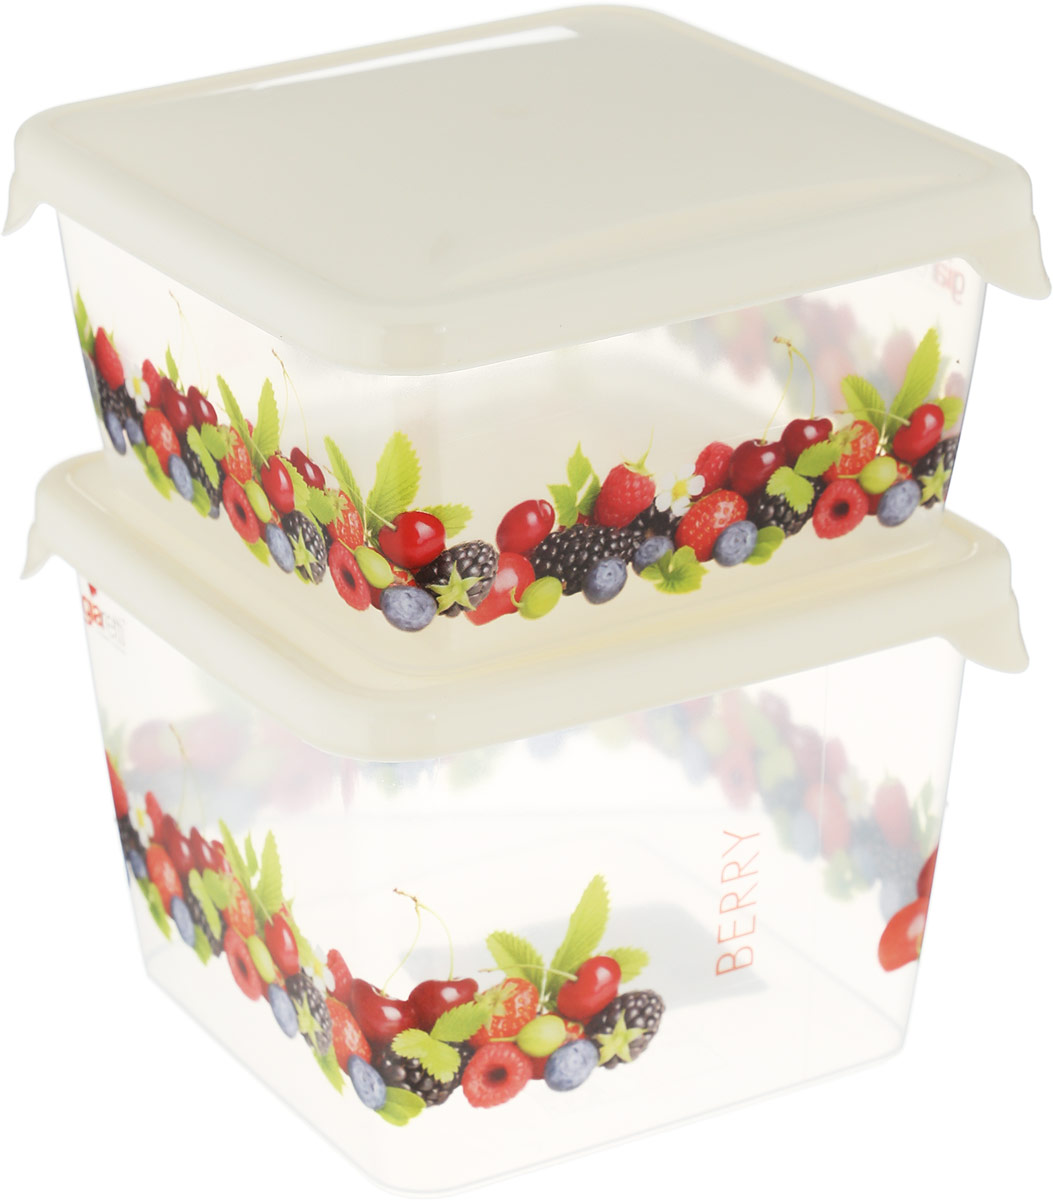 Комплект емкостей для продуктов Giaretti БравоGR1071МИКСКомплект емкостей для продуктов Giaretti Браво - яркие, декорированные емкости для хранения и переноски продуктов. В них удобнозамораживать ягоды, овощи, фрукты небольшими порциями, хранить специи, сладости, чай и другие продукты.